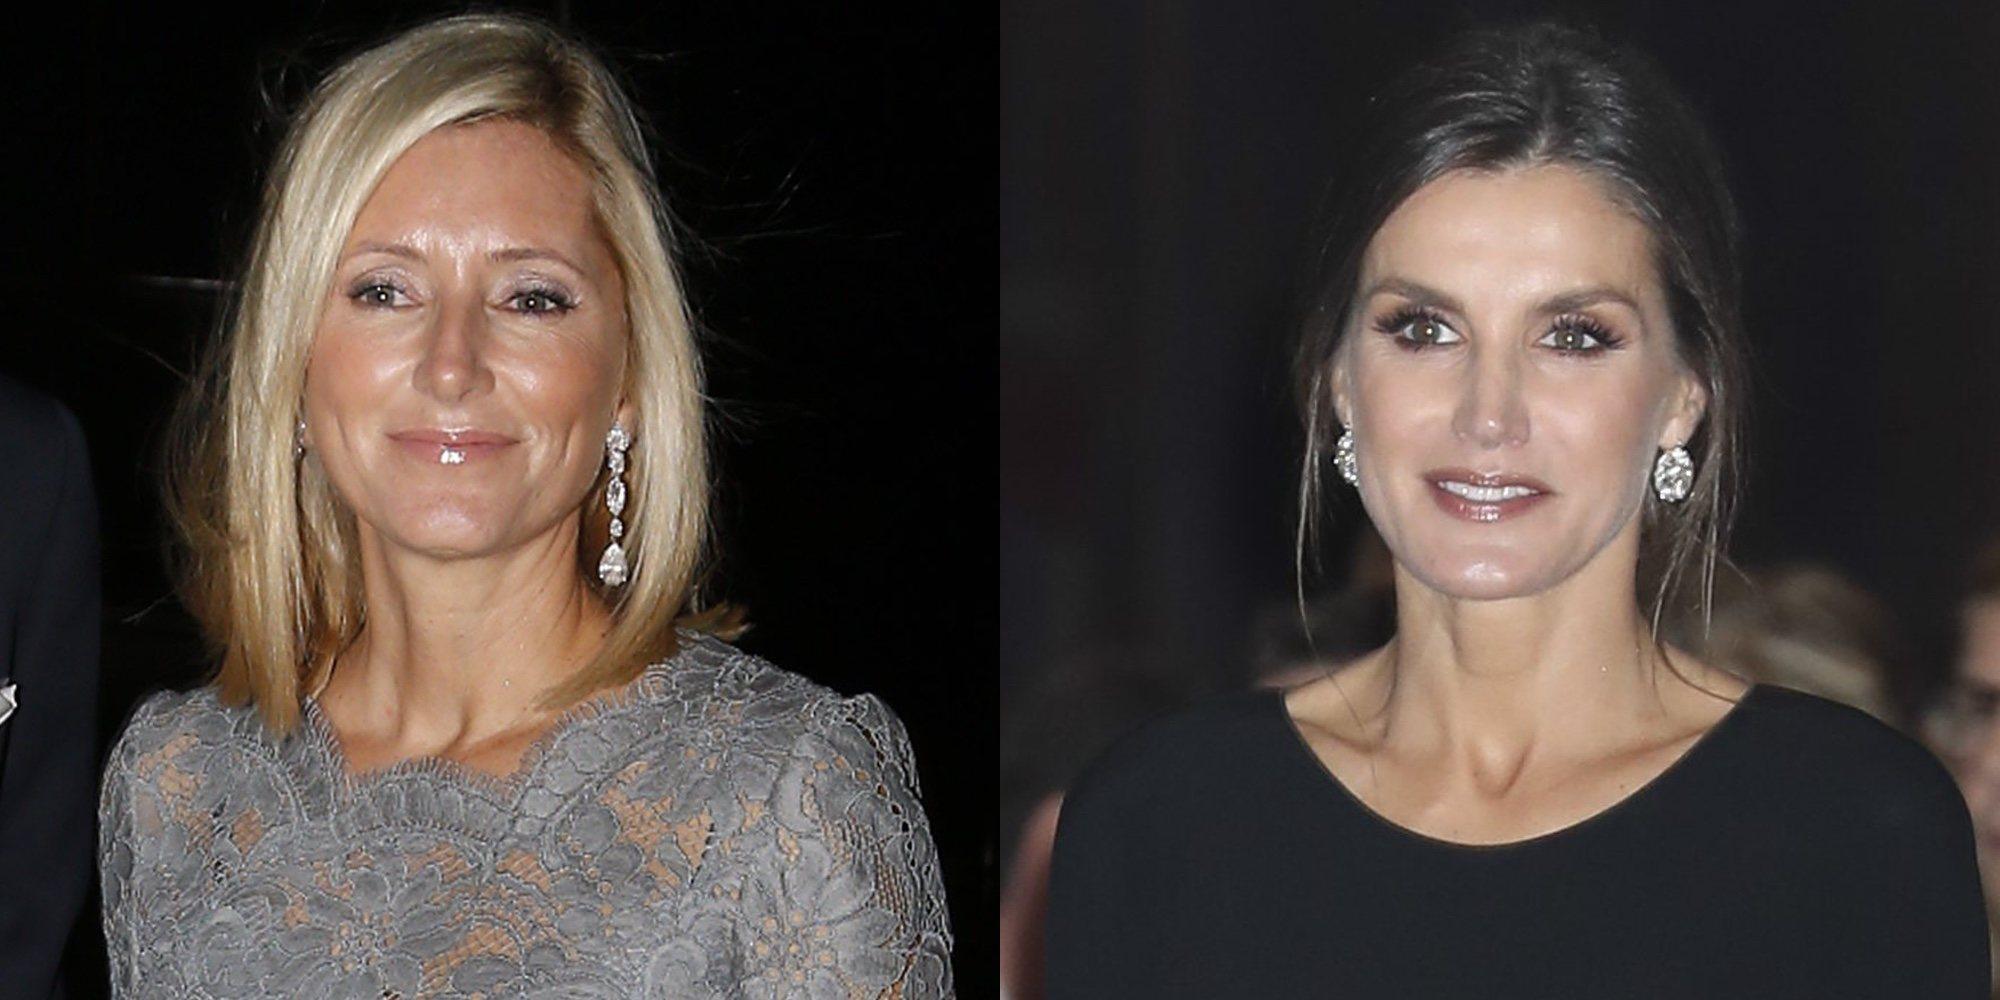 El evento donde podría tener lugar el reencuentro más incómodo de la Reina Letizia con Marie Chantal